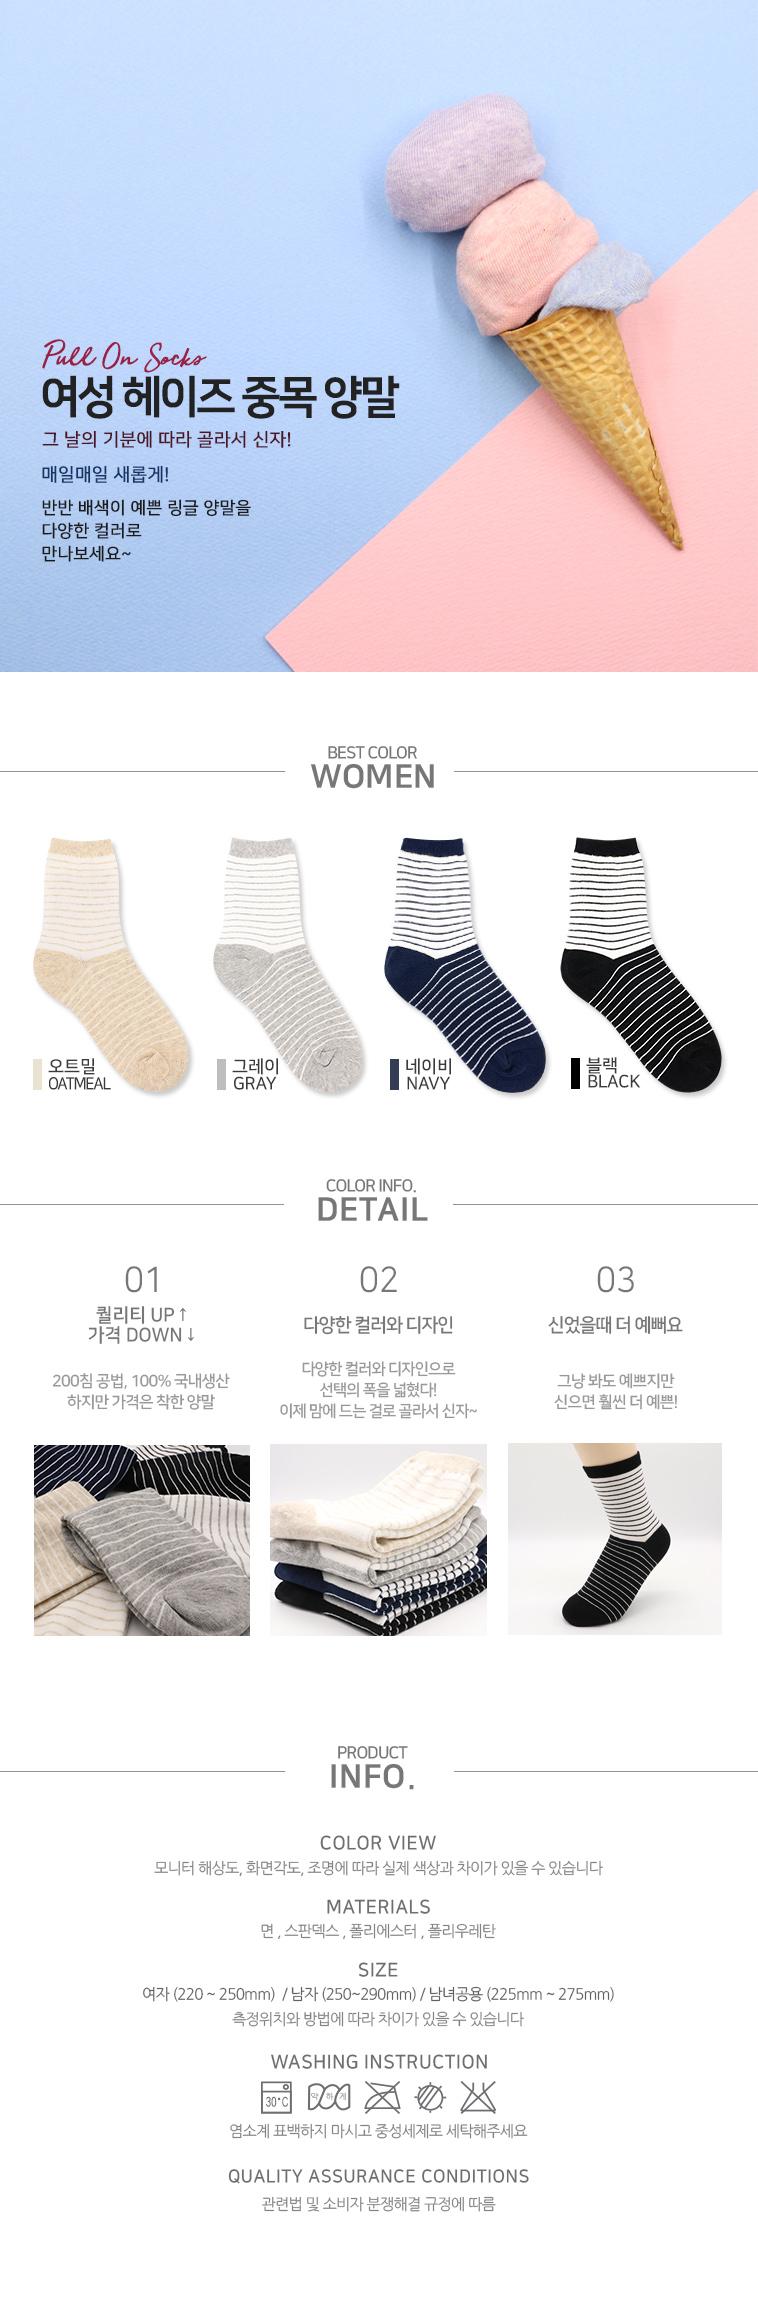 036_여성헤이즈중목 - 모노, 1,050원, 여성양말, 패션양말